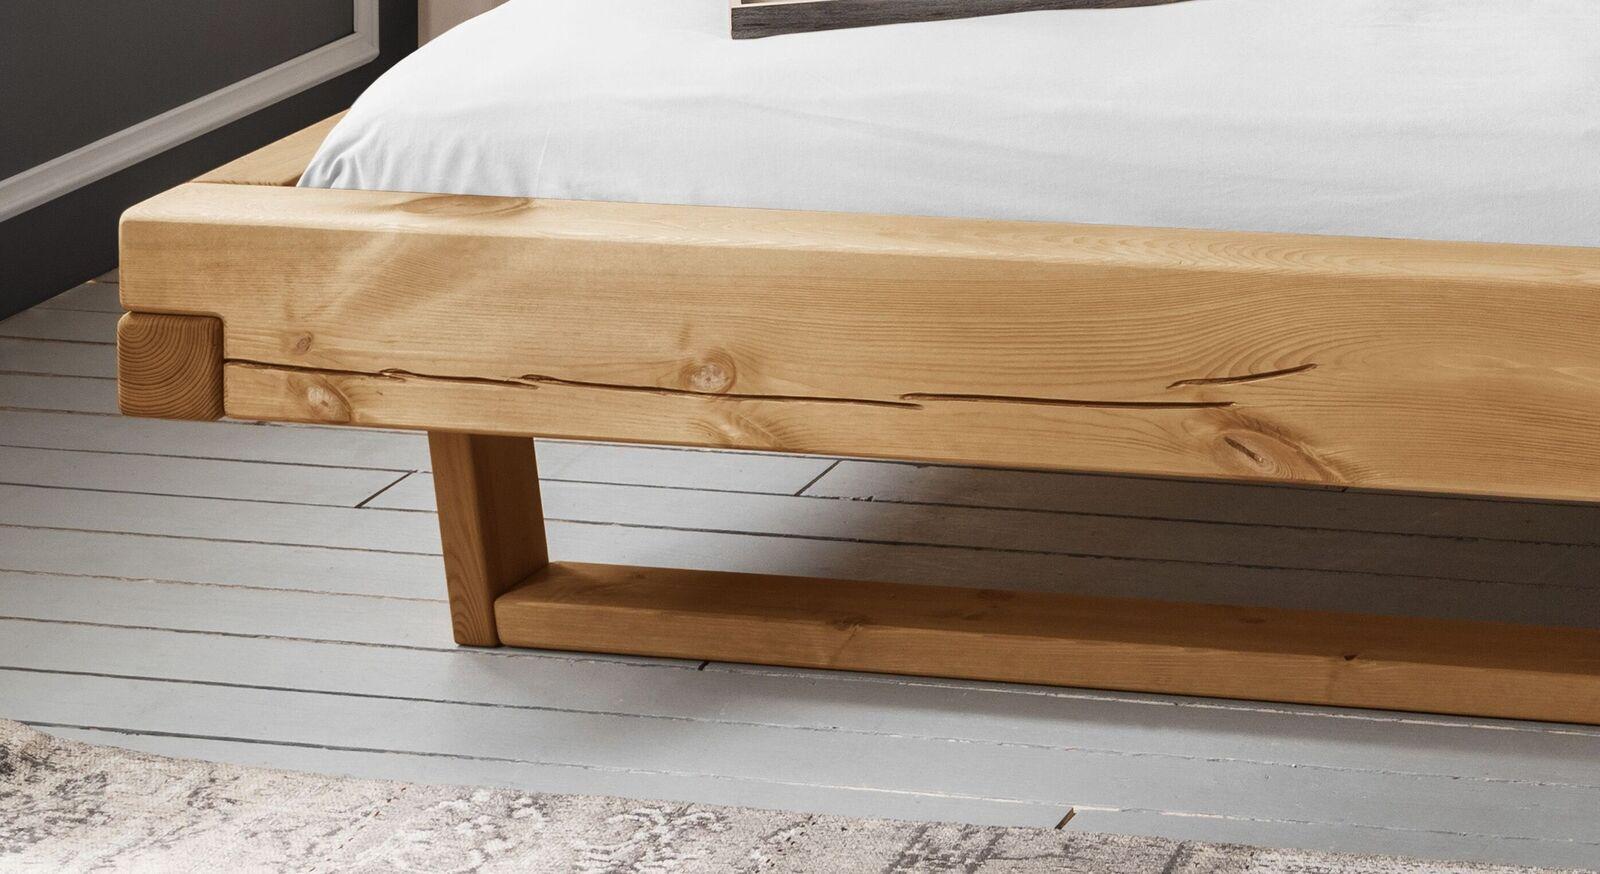 Balkenbett Krista mit massiven Holzkufen